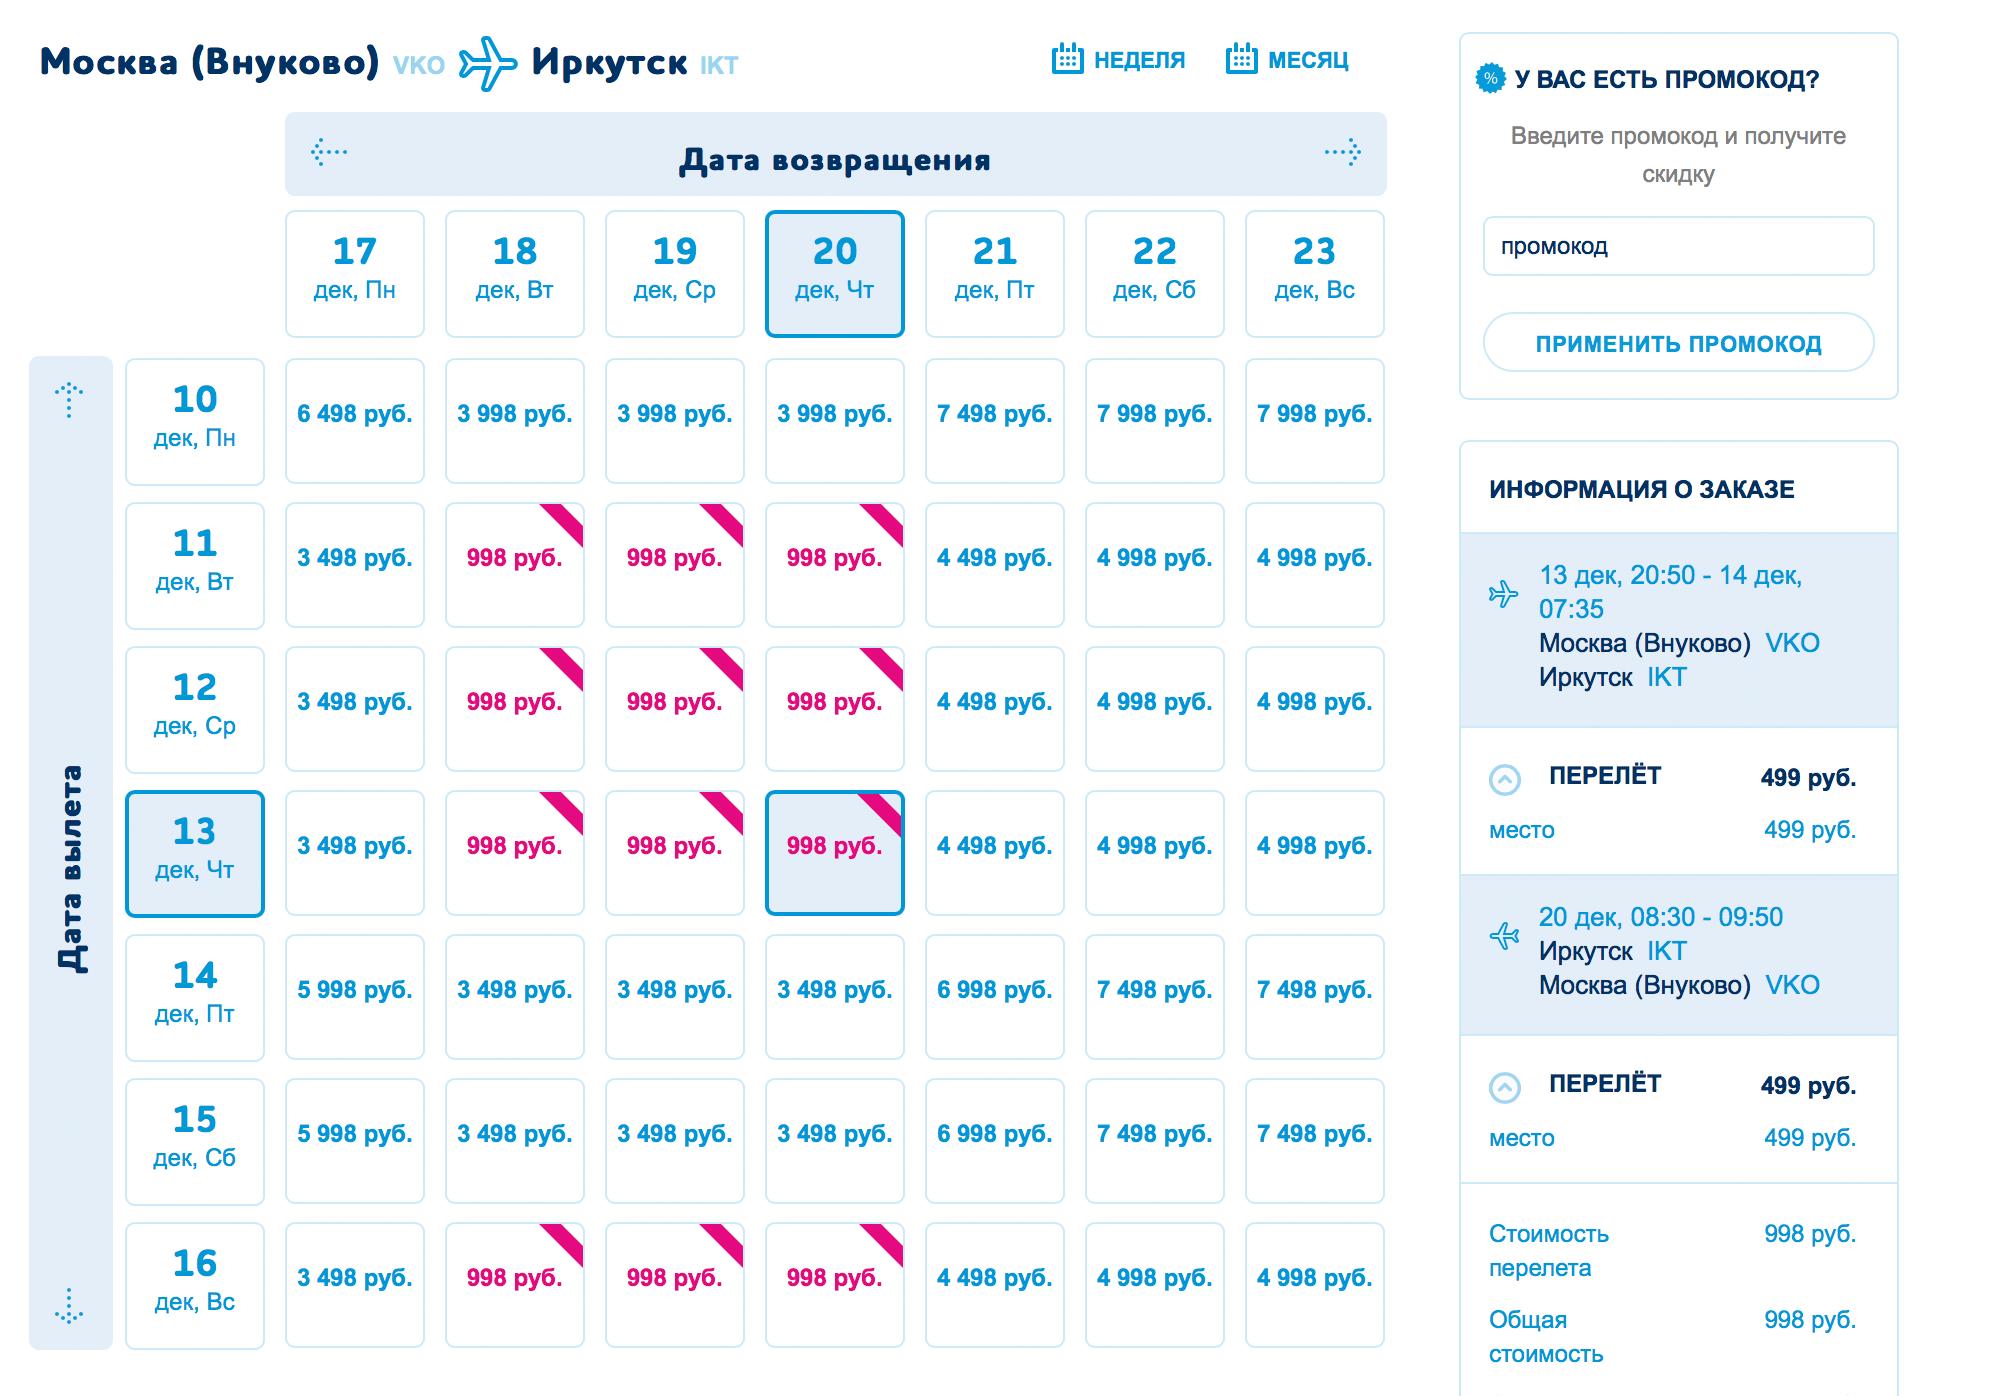 Иногда бывают распродажи. Например, в декабре 2018 года билеты из Москвы до Иркутска и обратно стоили 1000 рублей. В январе тоже дешевле, чем обычно: 8000 рублей в обе стороны. Такие билеты быстро разбирают